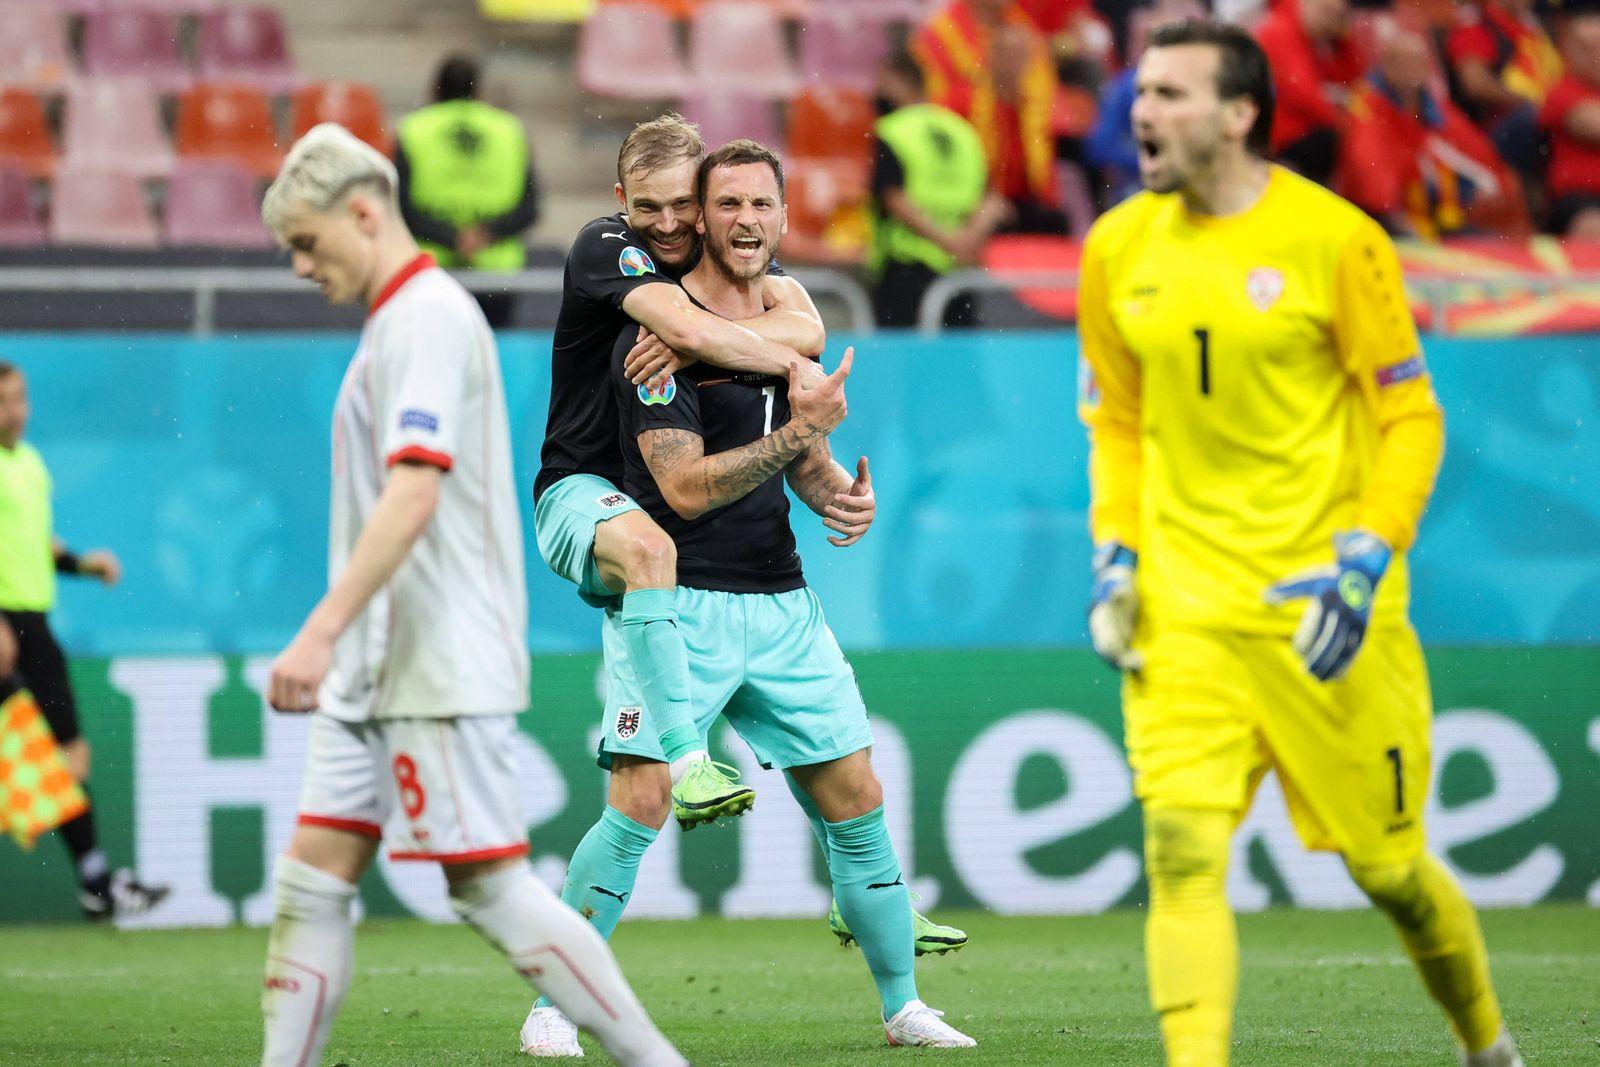 Sport Bilder des Tages SOCCER - UEFA EURO, EM, Europameisterschaft,Fussball 2020 BUCHAREST,ROMANIA,13.JUN.21 - SOCCER -